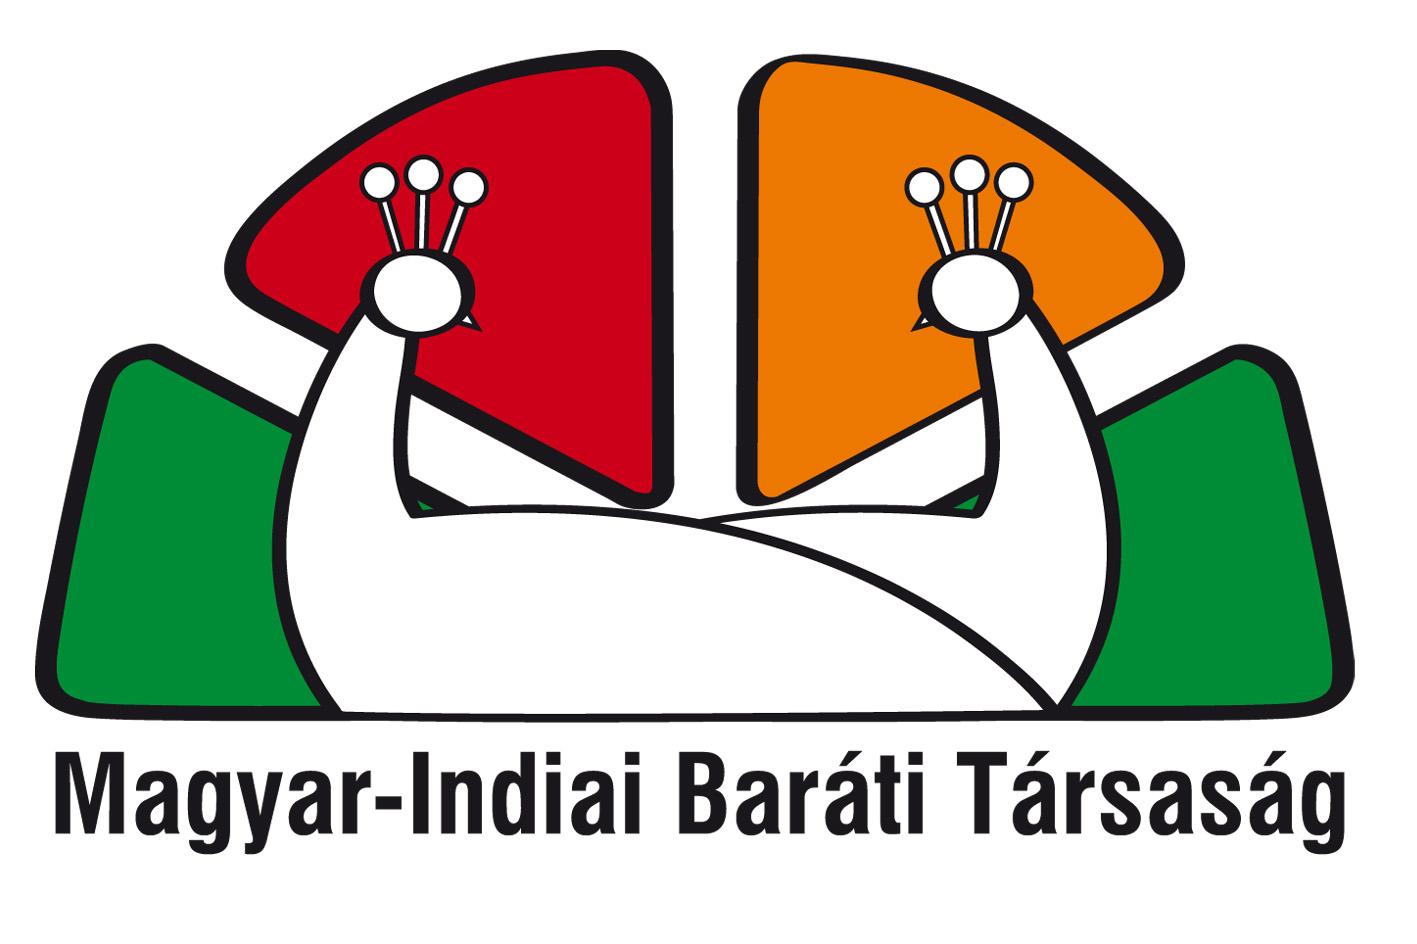 Magyar-Indiai Baráti Társaság